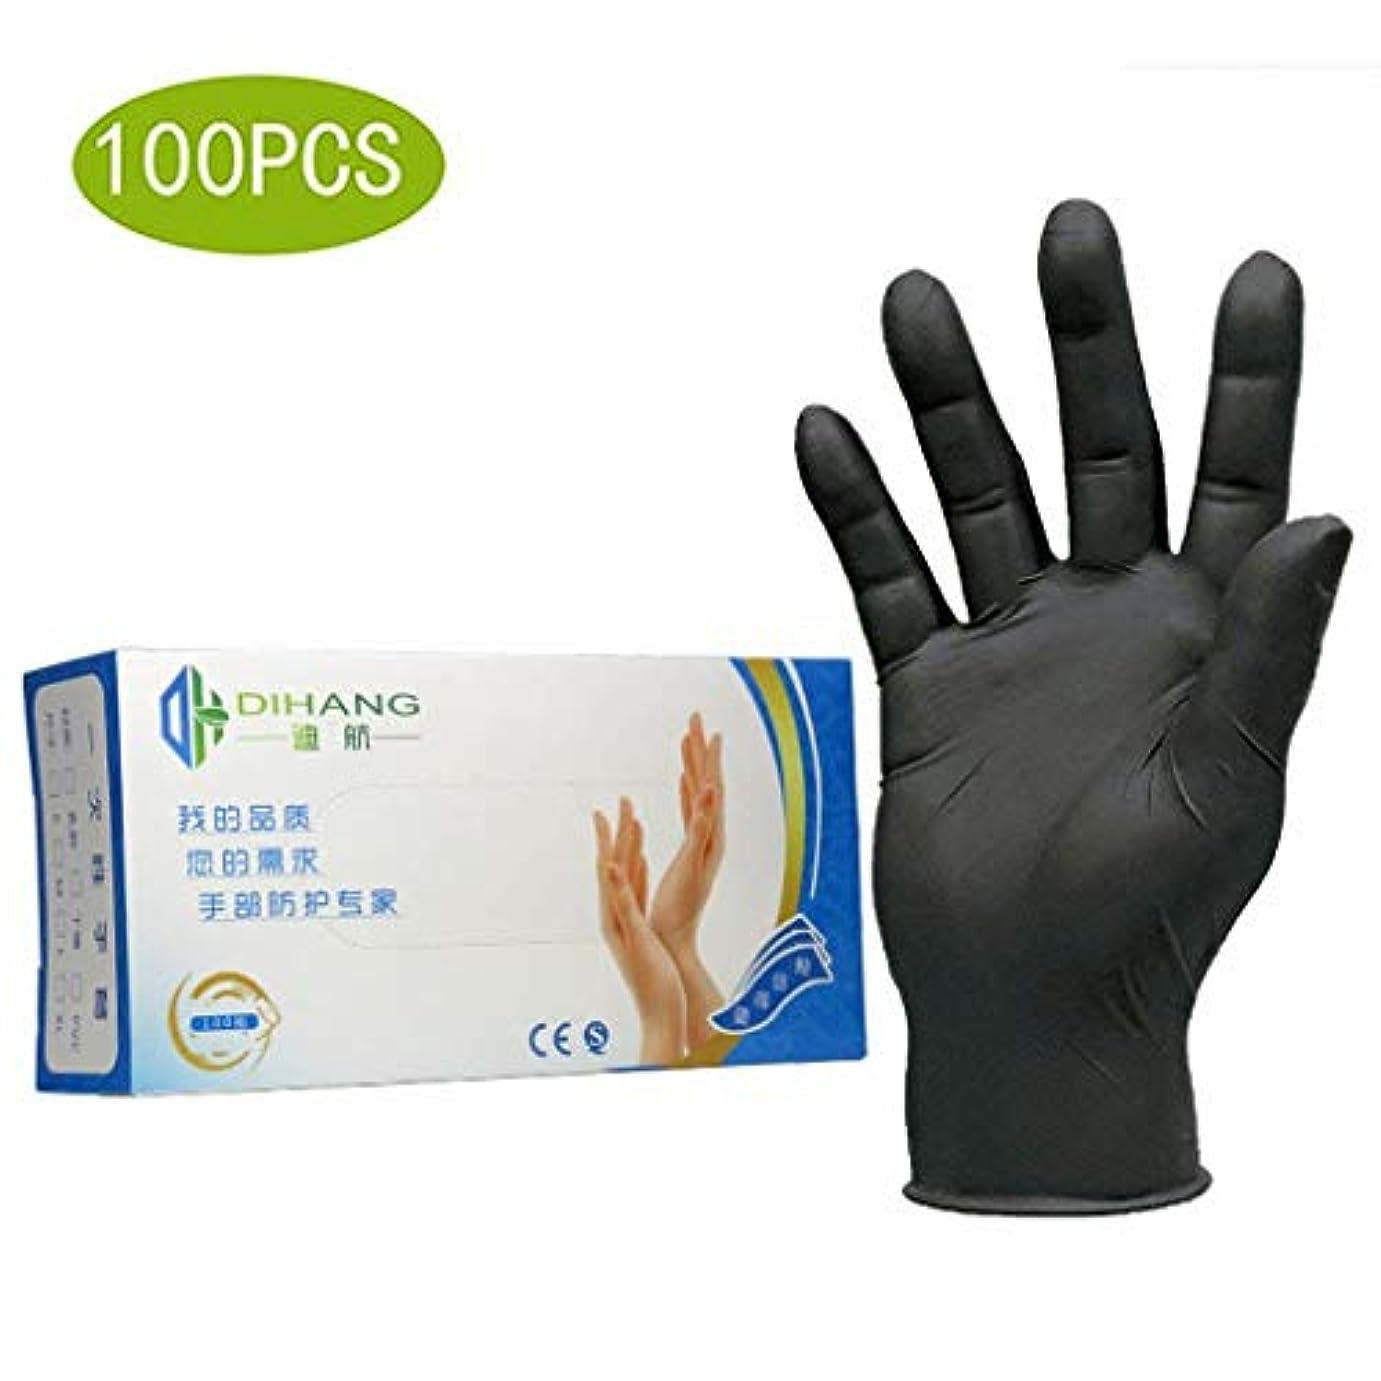 グローブインタビューストレス100倍使い捨て手袋耐酸性および耐アルカリ性試験軽量安全フィットニトリル手袋中粉末フリーラテックスフリータトゥー理髪産業加工労働保険 (Size : M)